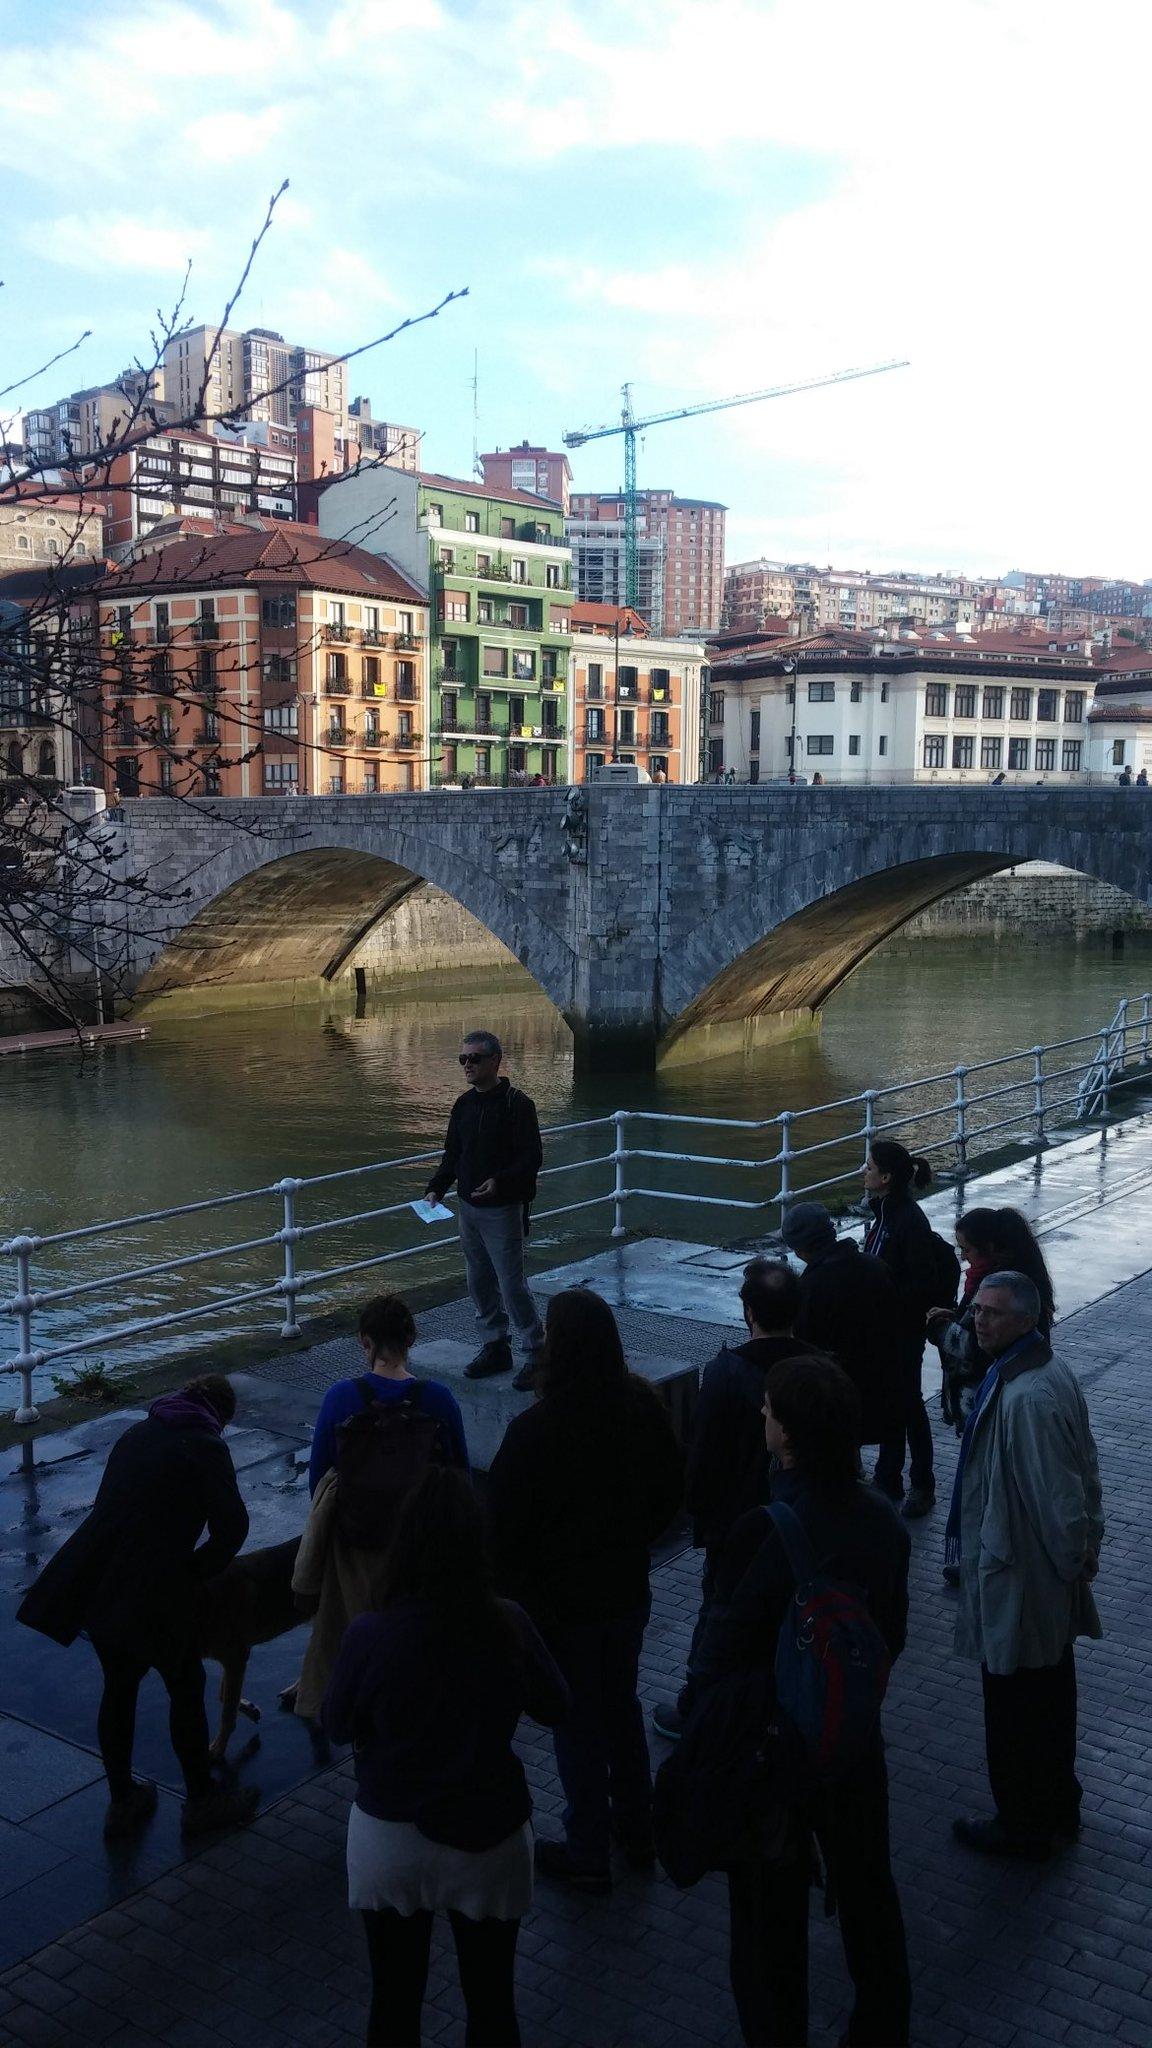 Primer hito del paseo periurbano del #urbanbat16 por Bilbao: Muelle Marzana https://t.co/oMhhtSDIzt